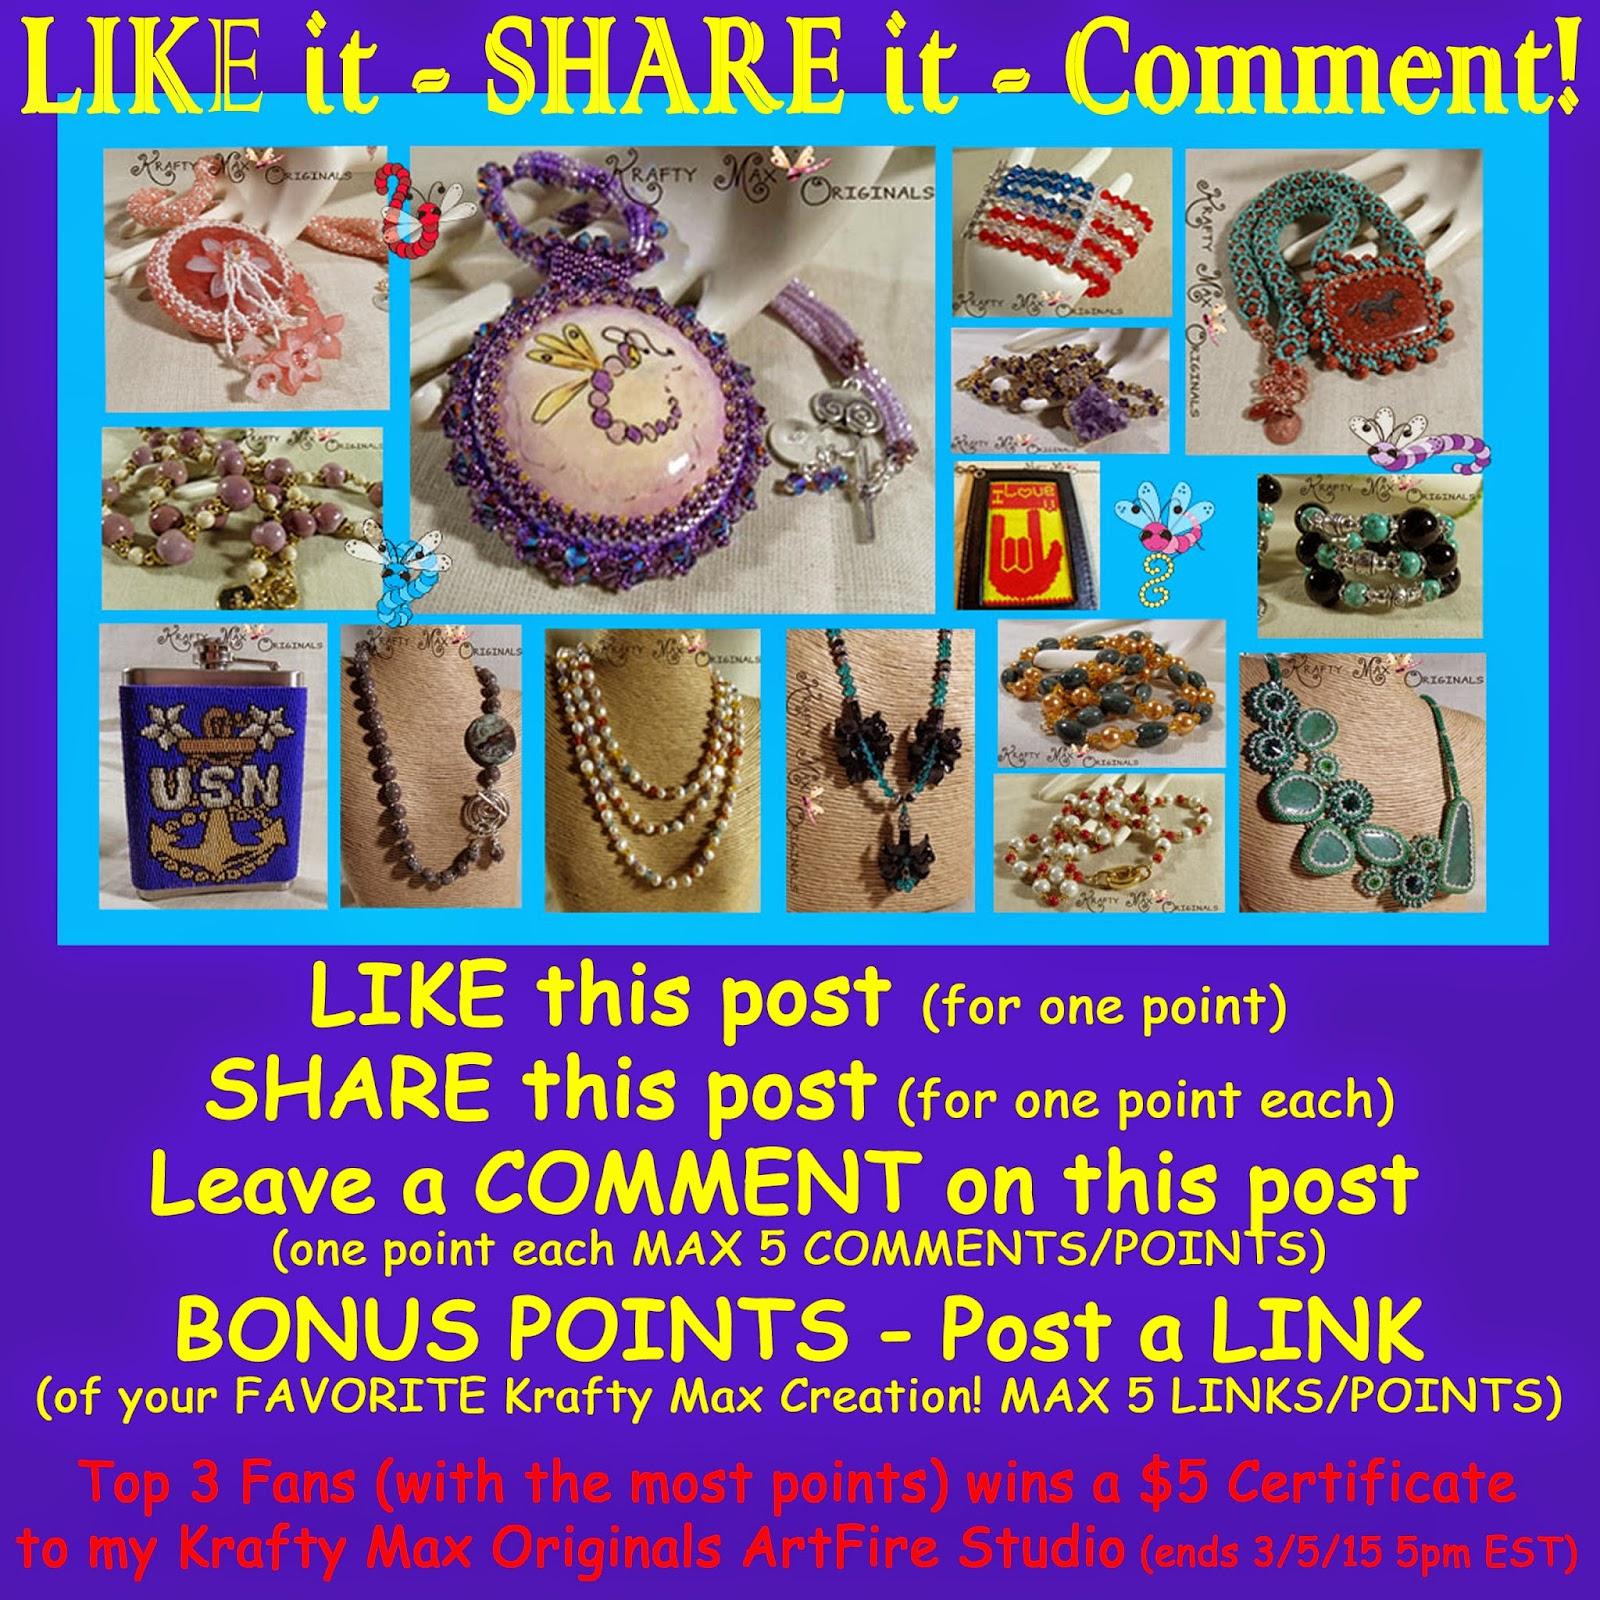 https://www.facebook.com/kraftymaxoriginals/photos/a.128216313736.101095.113166813736/10152831407483737/?type=1&theater